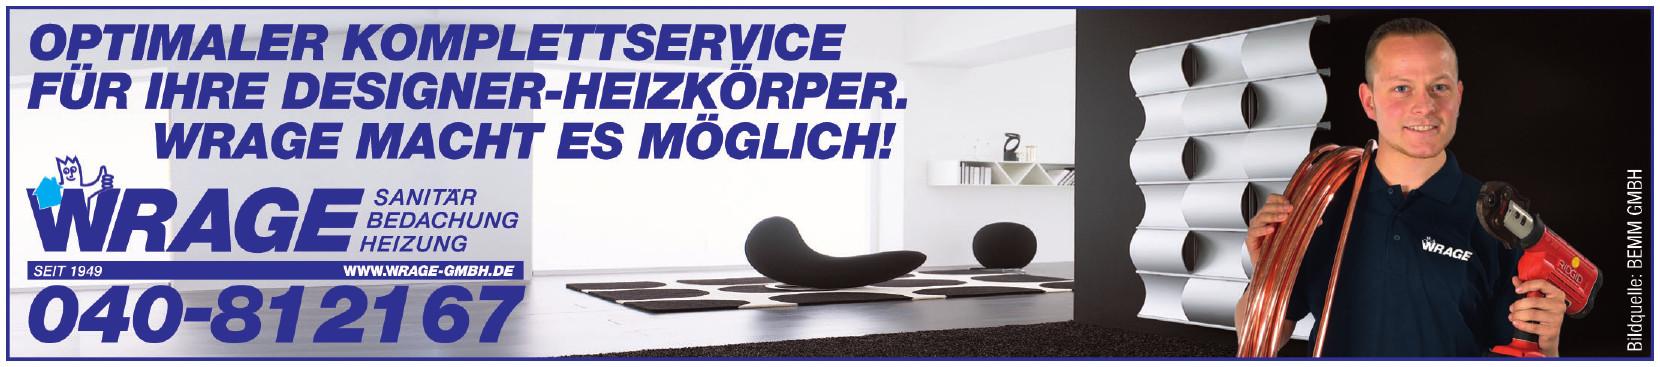 T. & H. Wrage Sanitärtechnik GmbH